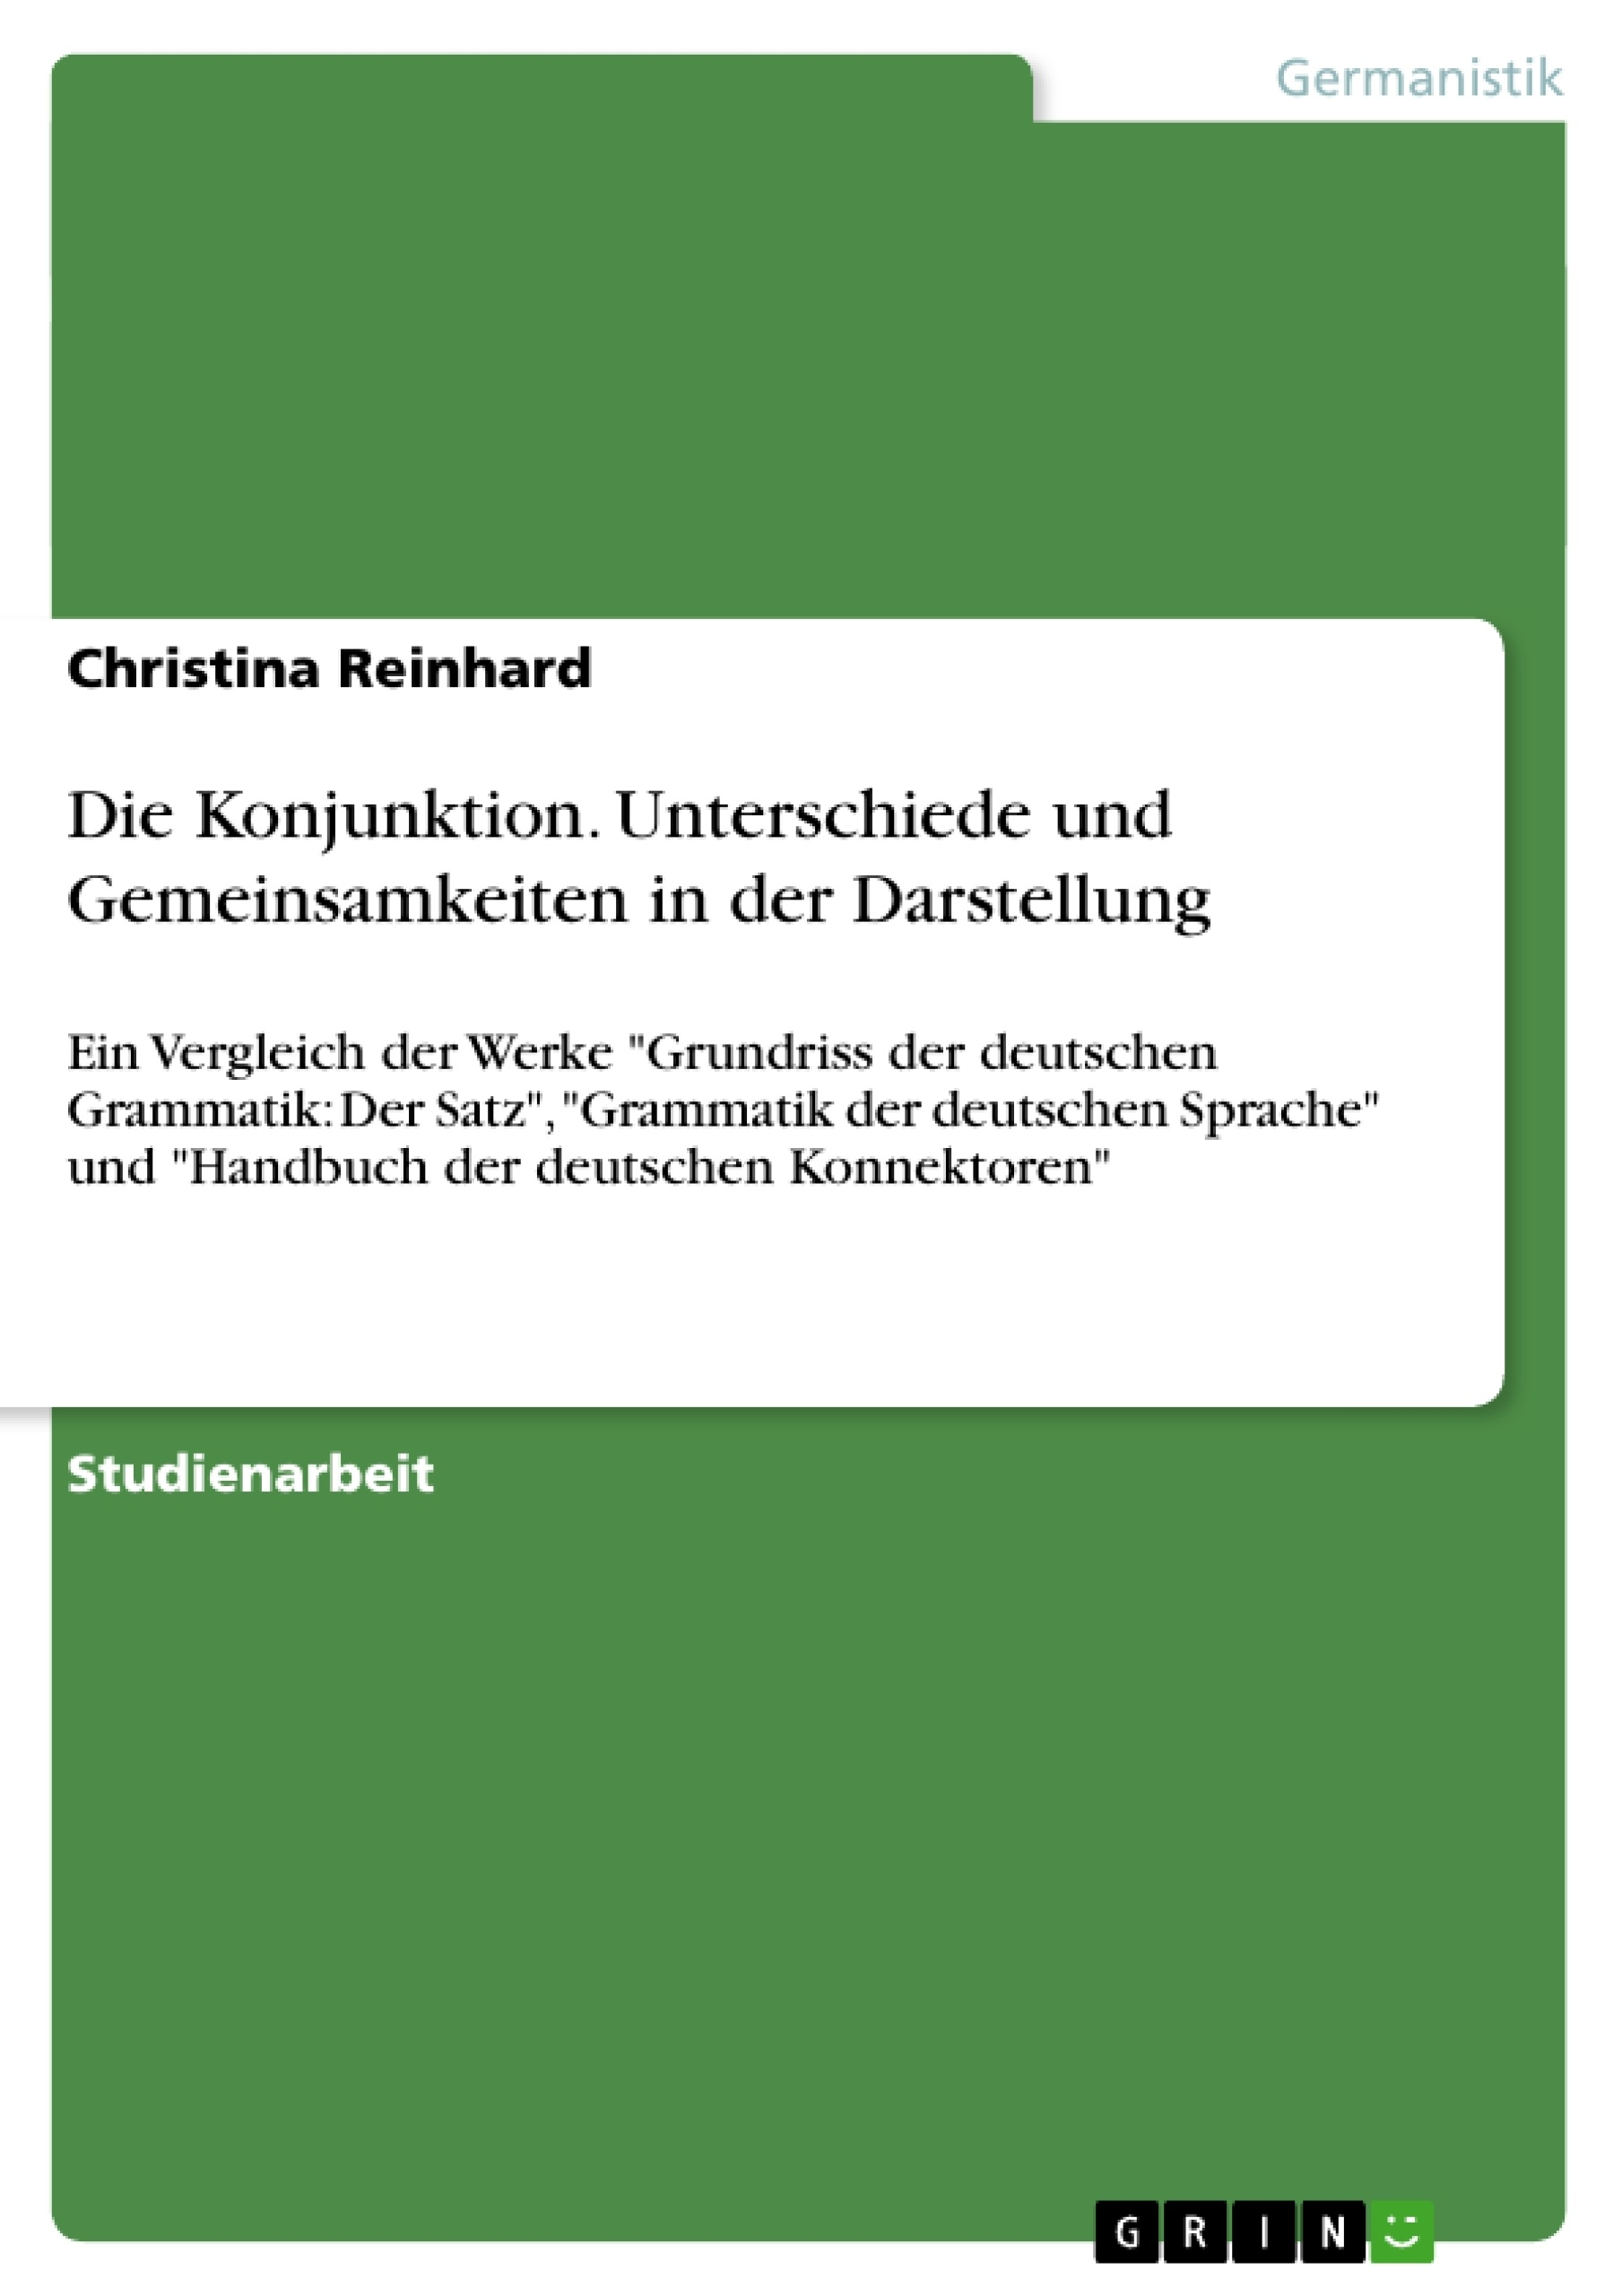 Titel: Die Konjunktion. Unterschiede und Gemeinsamkeiten in der Darstellung